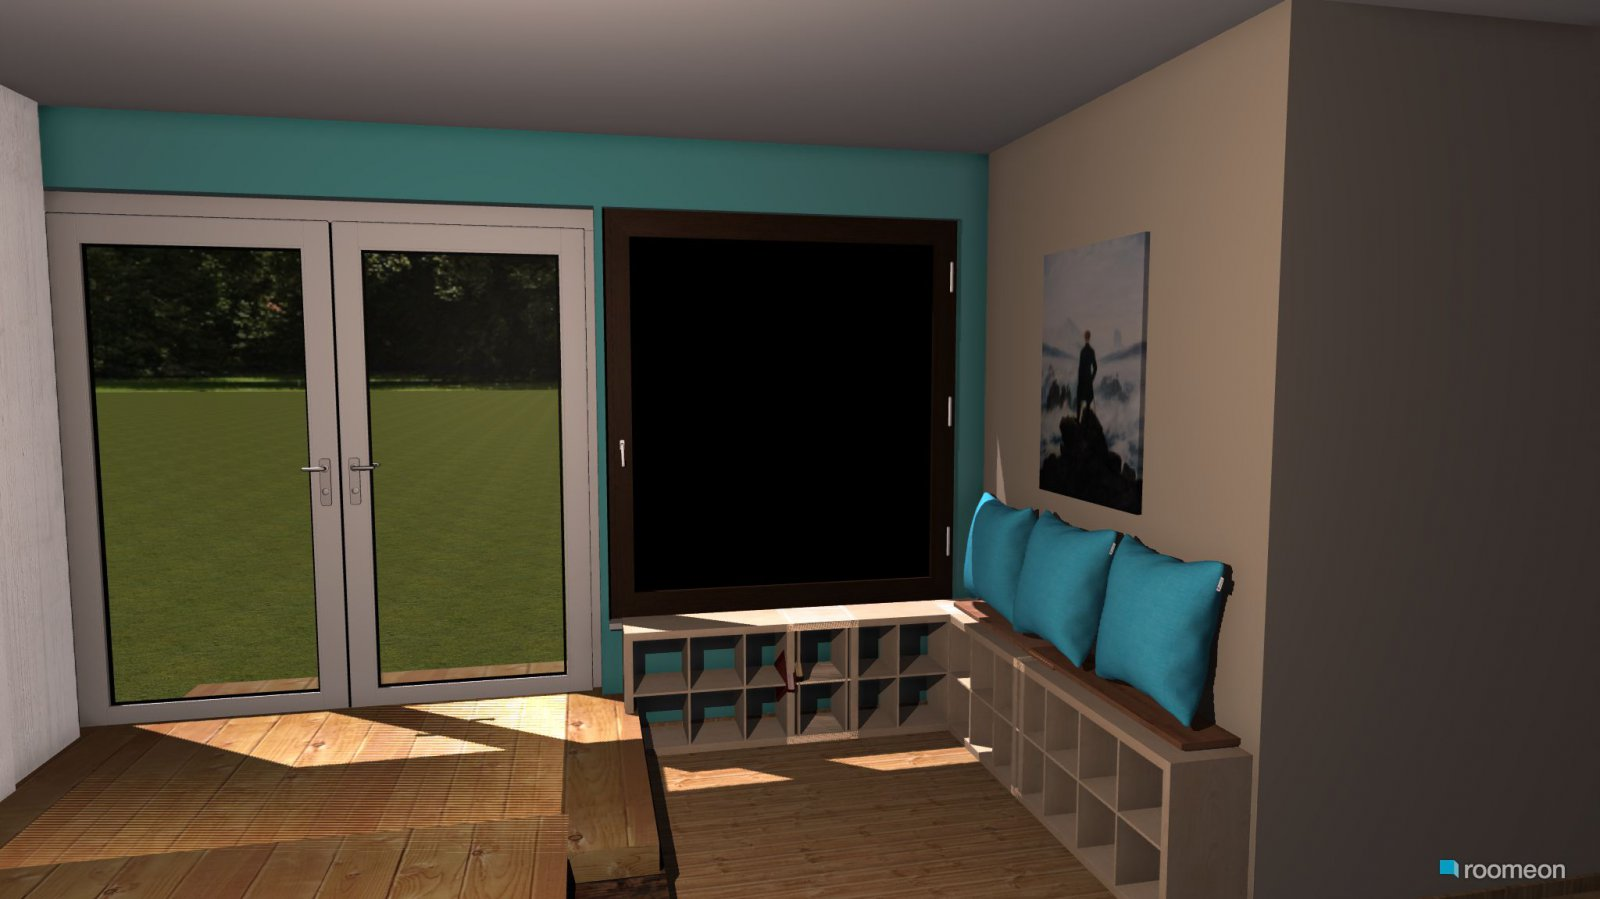 Wohnzimmerz Raumgestaltung Wohnzimmer With Raumplanung Wohnzimmer